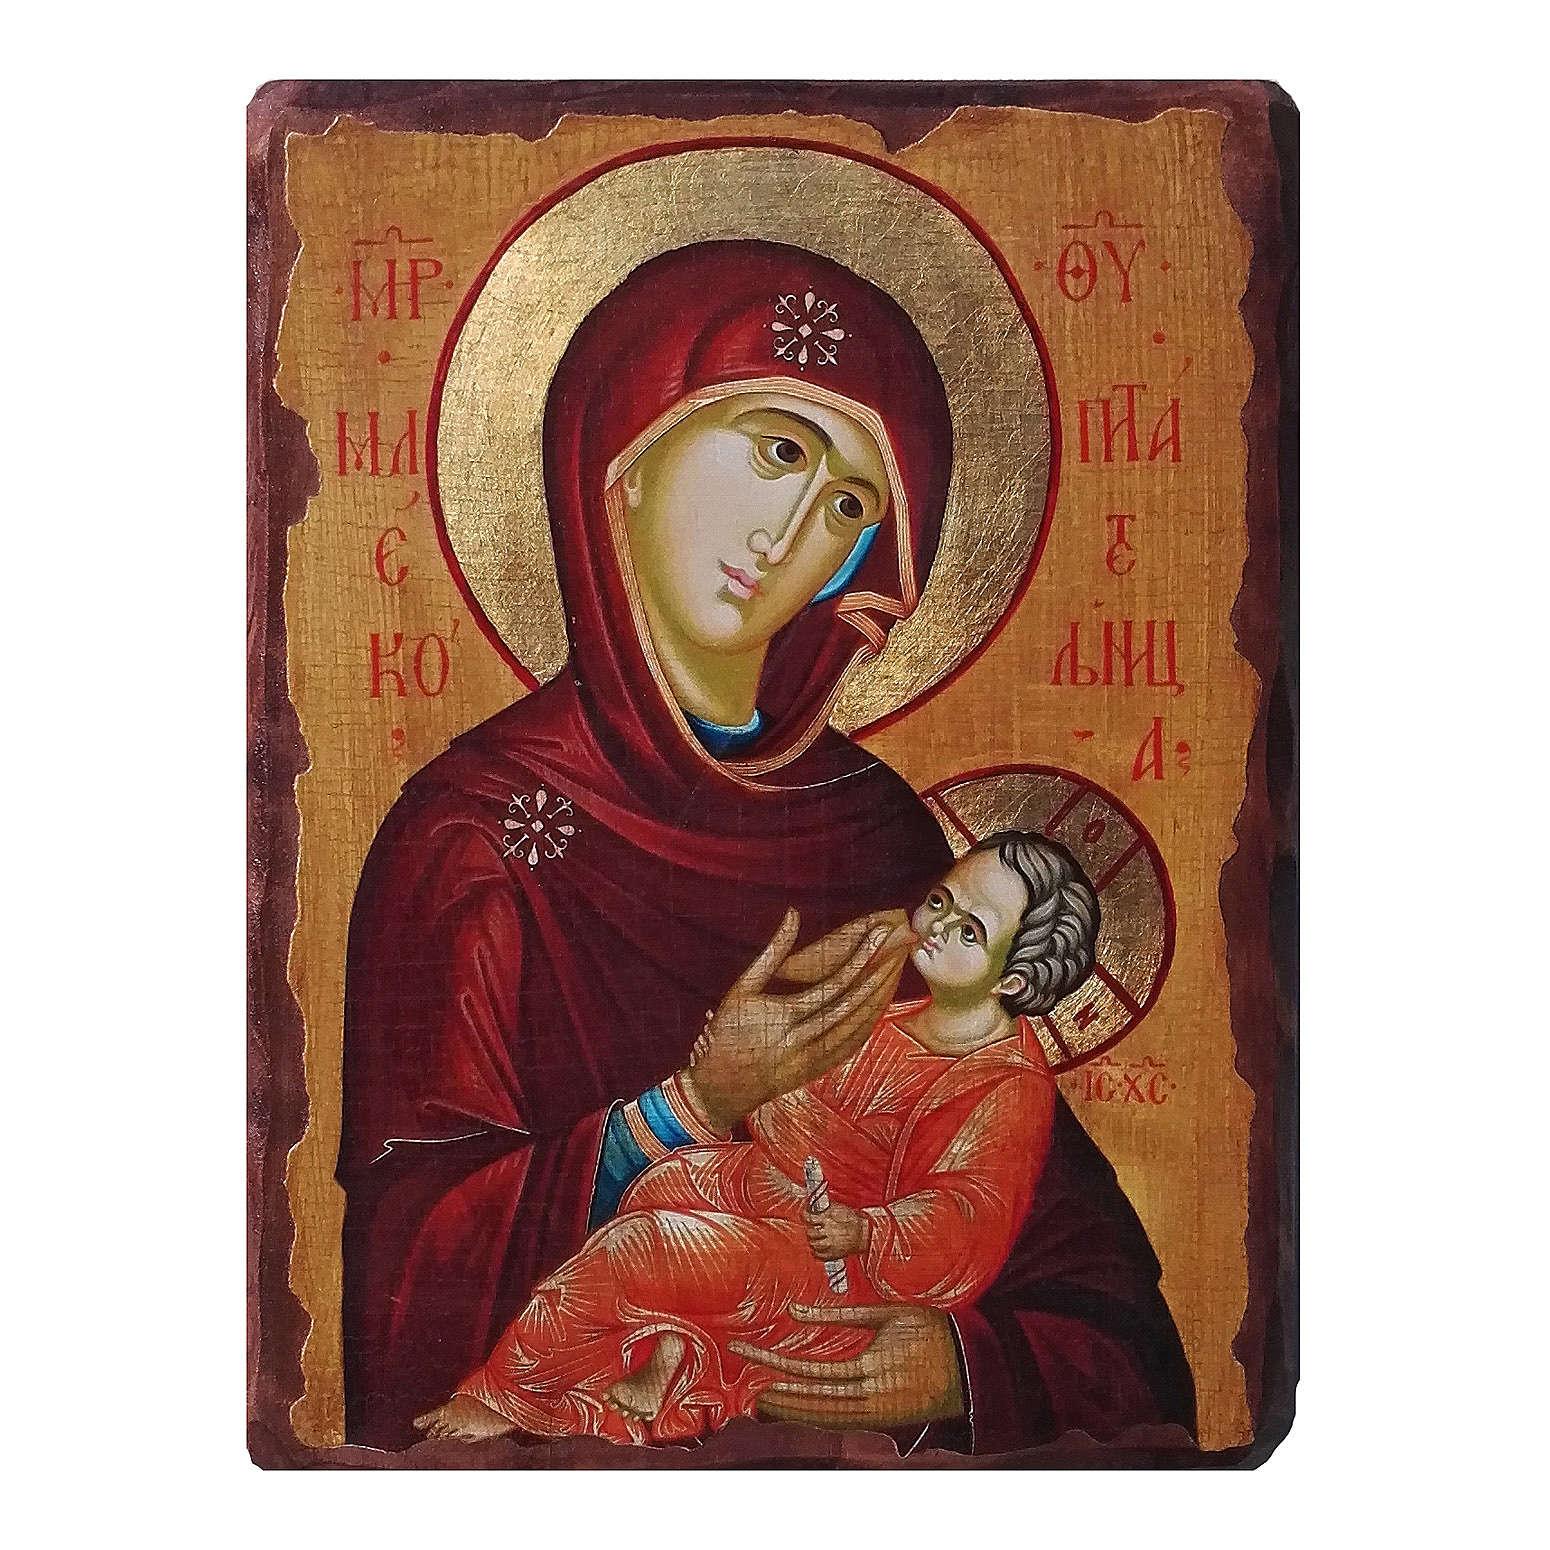 Icona russa dipinta découpage Madonna che allatta 18x14 cm 4